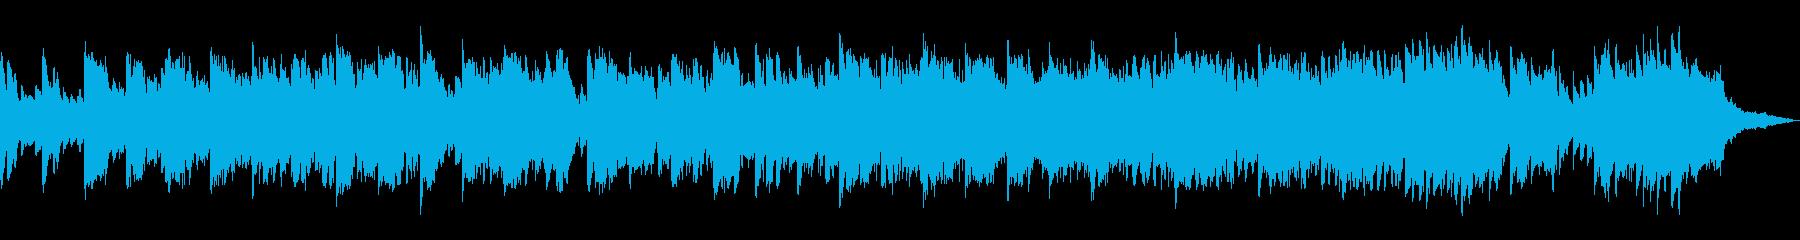 ノスタルジックなピアノ&ストリングスの再生済みの波形